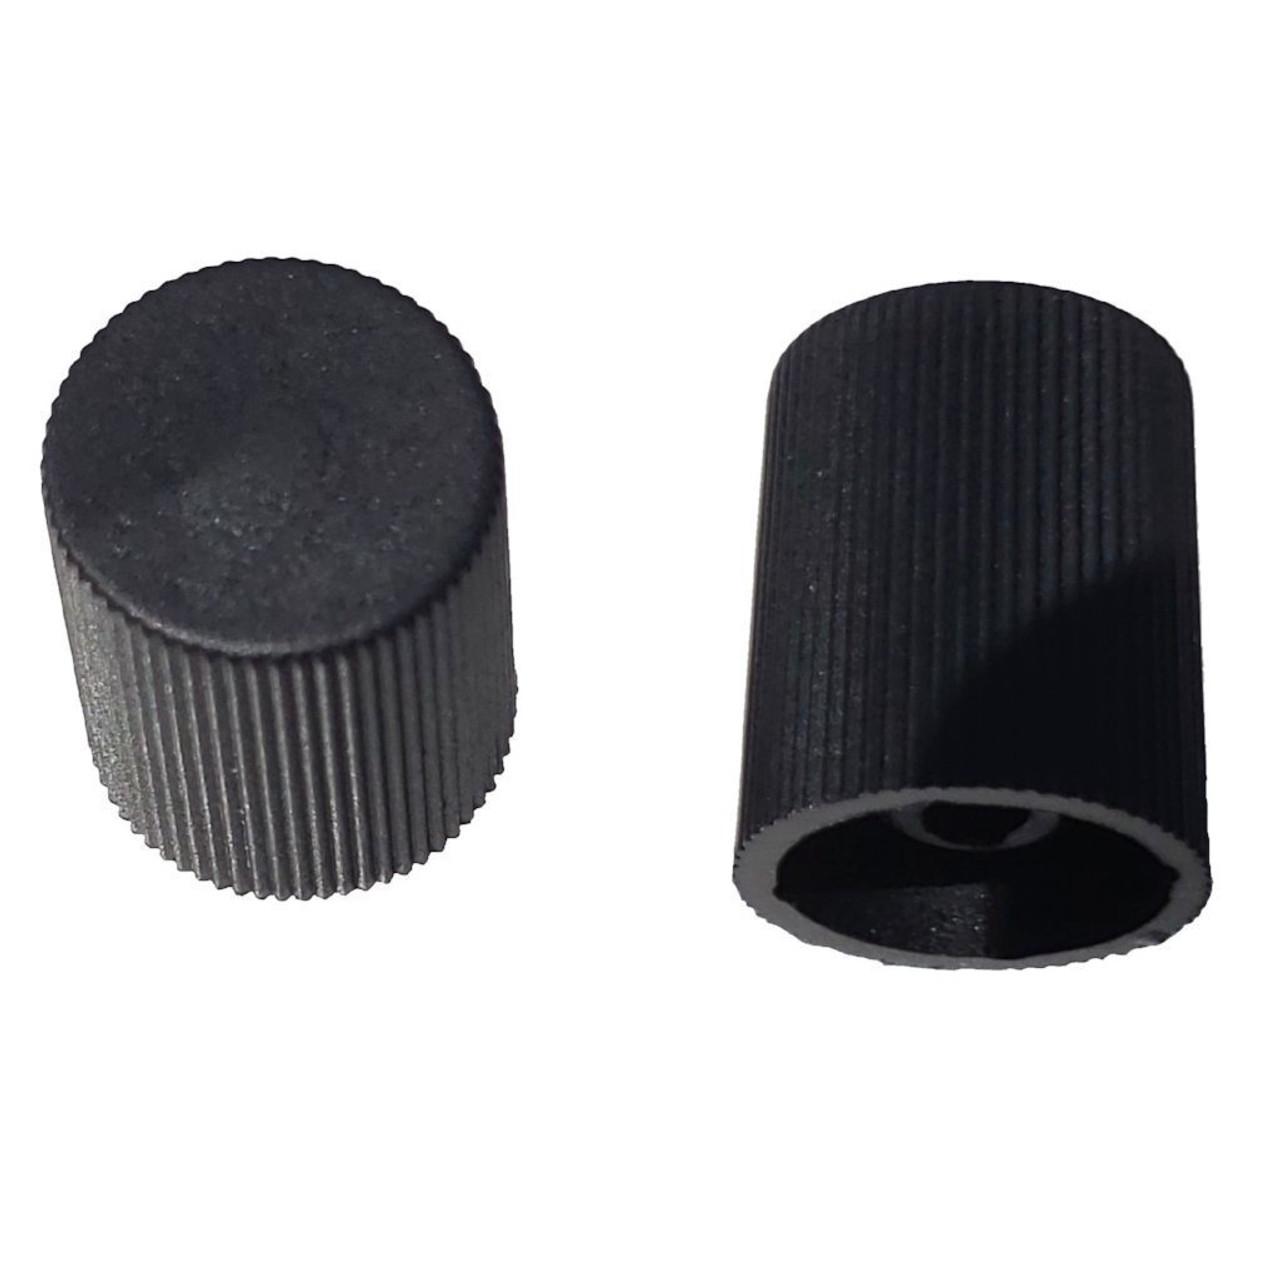 AC Service Port Cap - Black Low Side M8x1.0 - Interchanges: MT0062, 59937